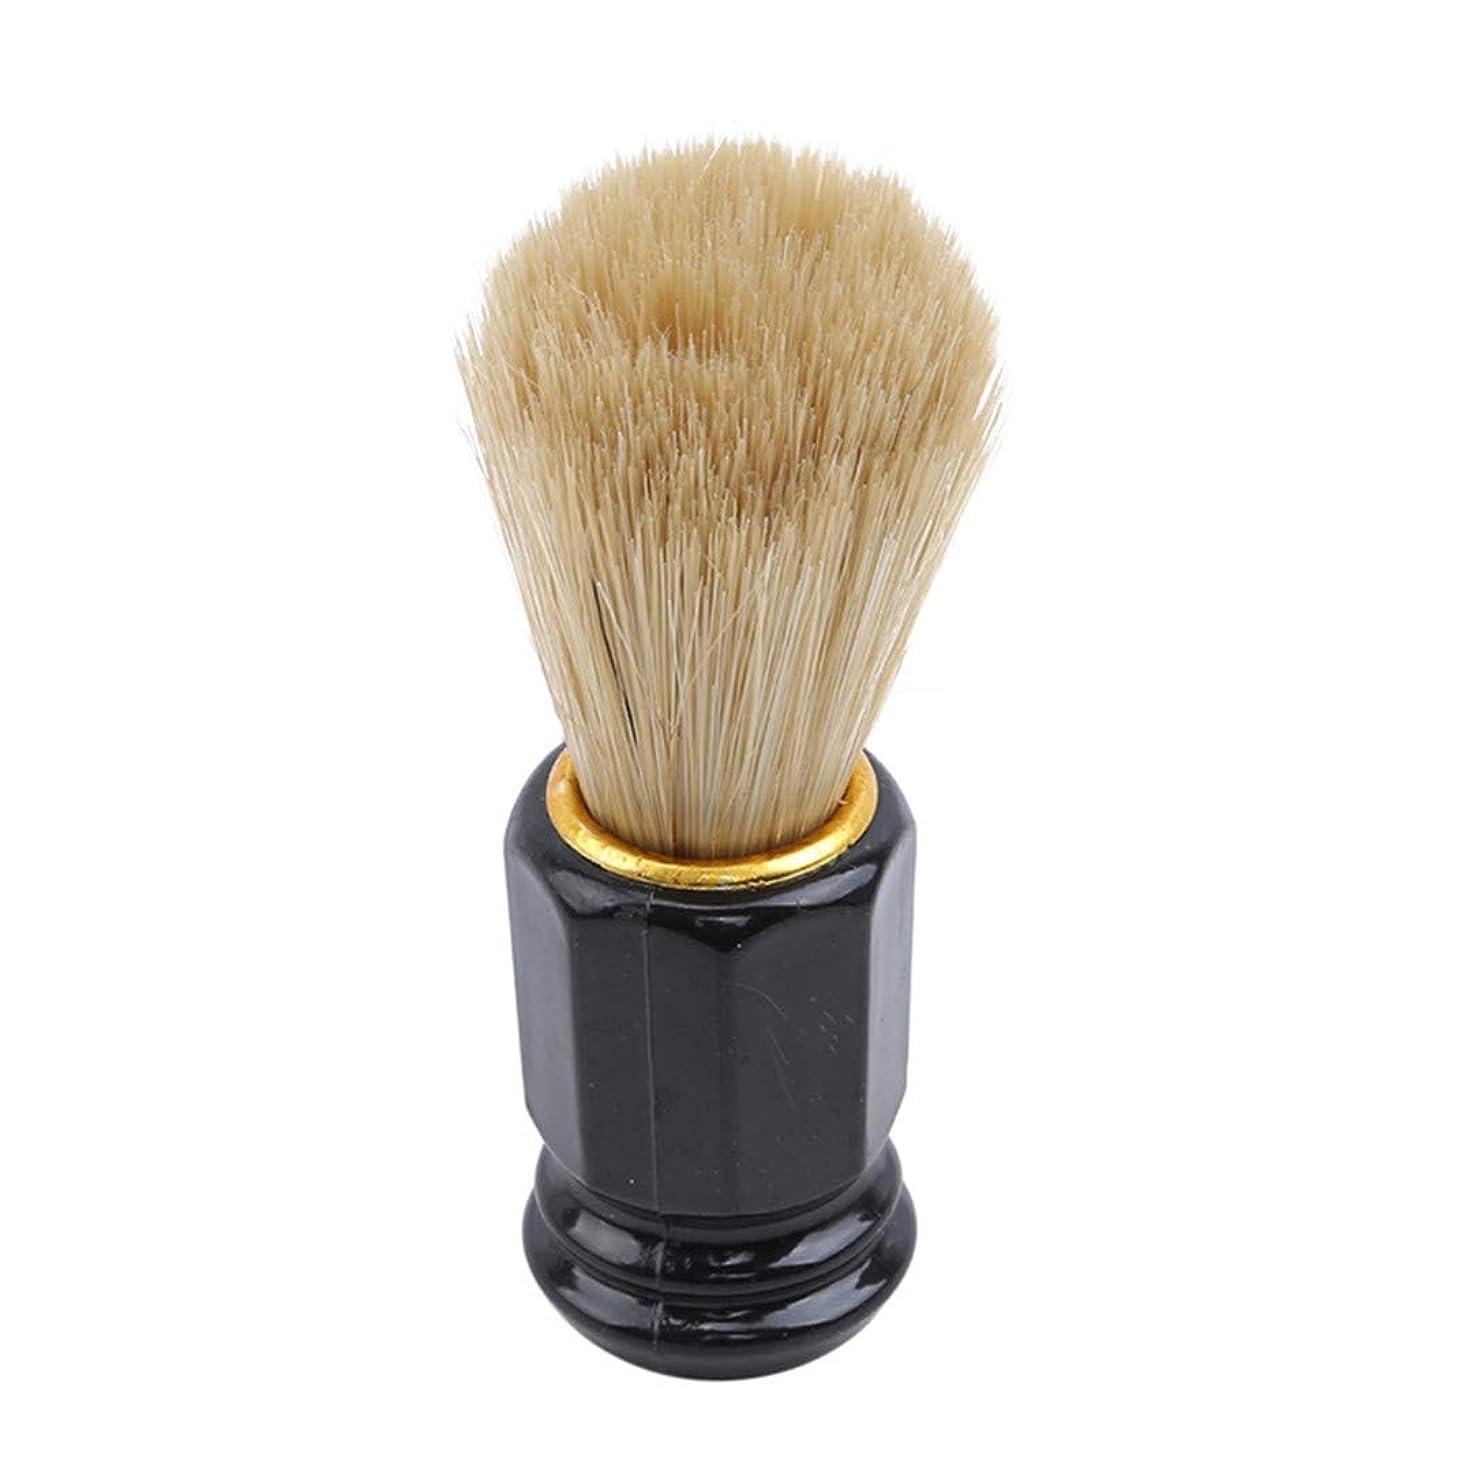 ベアリングサークルずっと行進Underleaf 男性フェイスクリーニングシェービングマグブラシボウル理容髭ブラシキット理髪アクセサリー